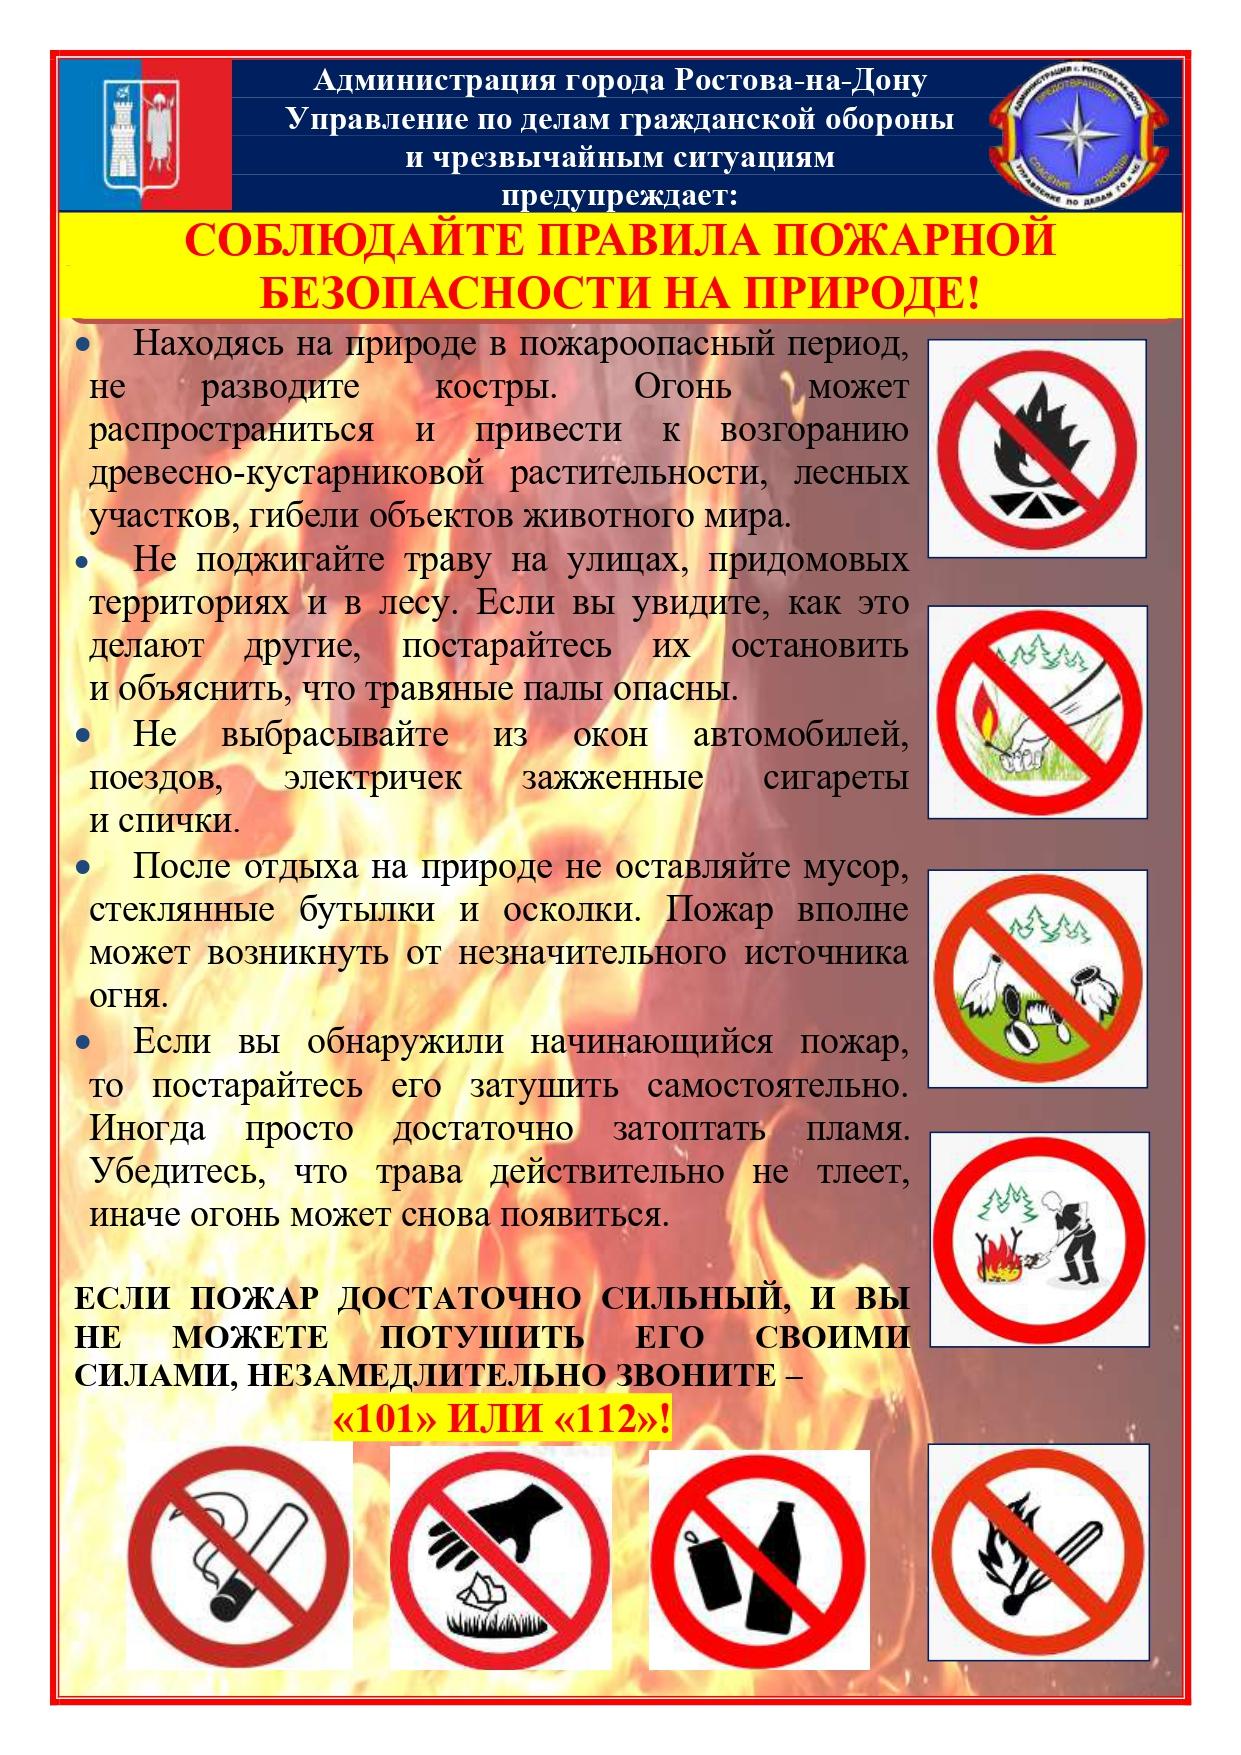 Соблюдайте правила пожарной безопасности на природе.